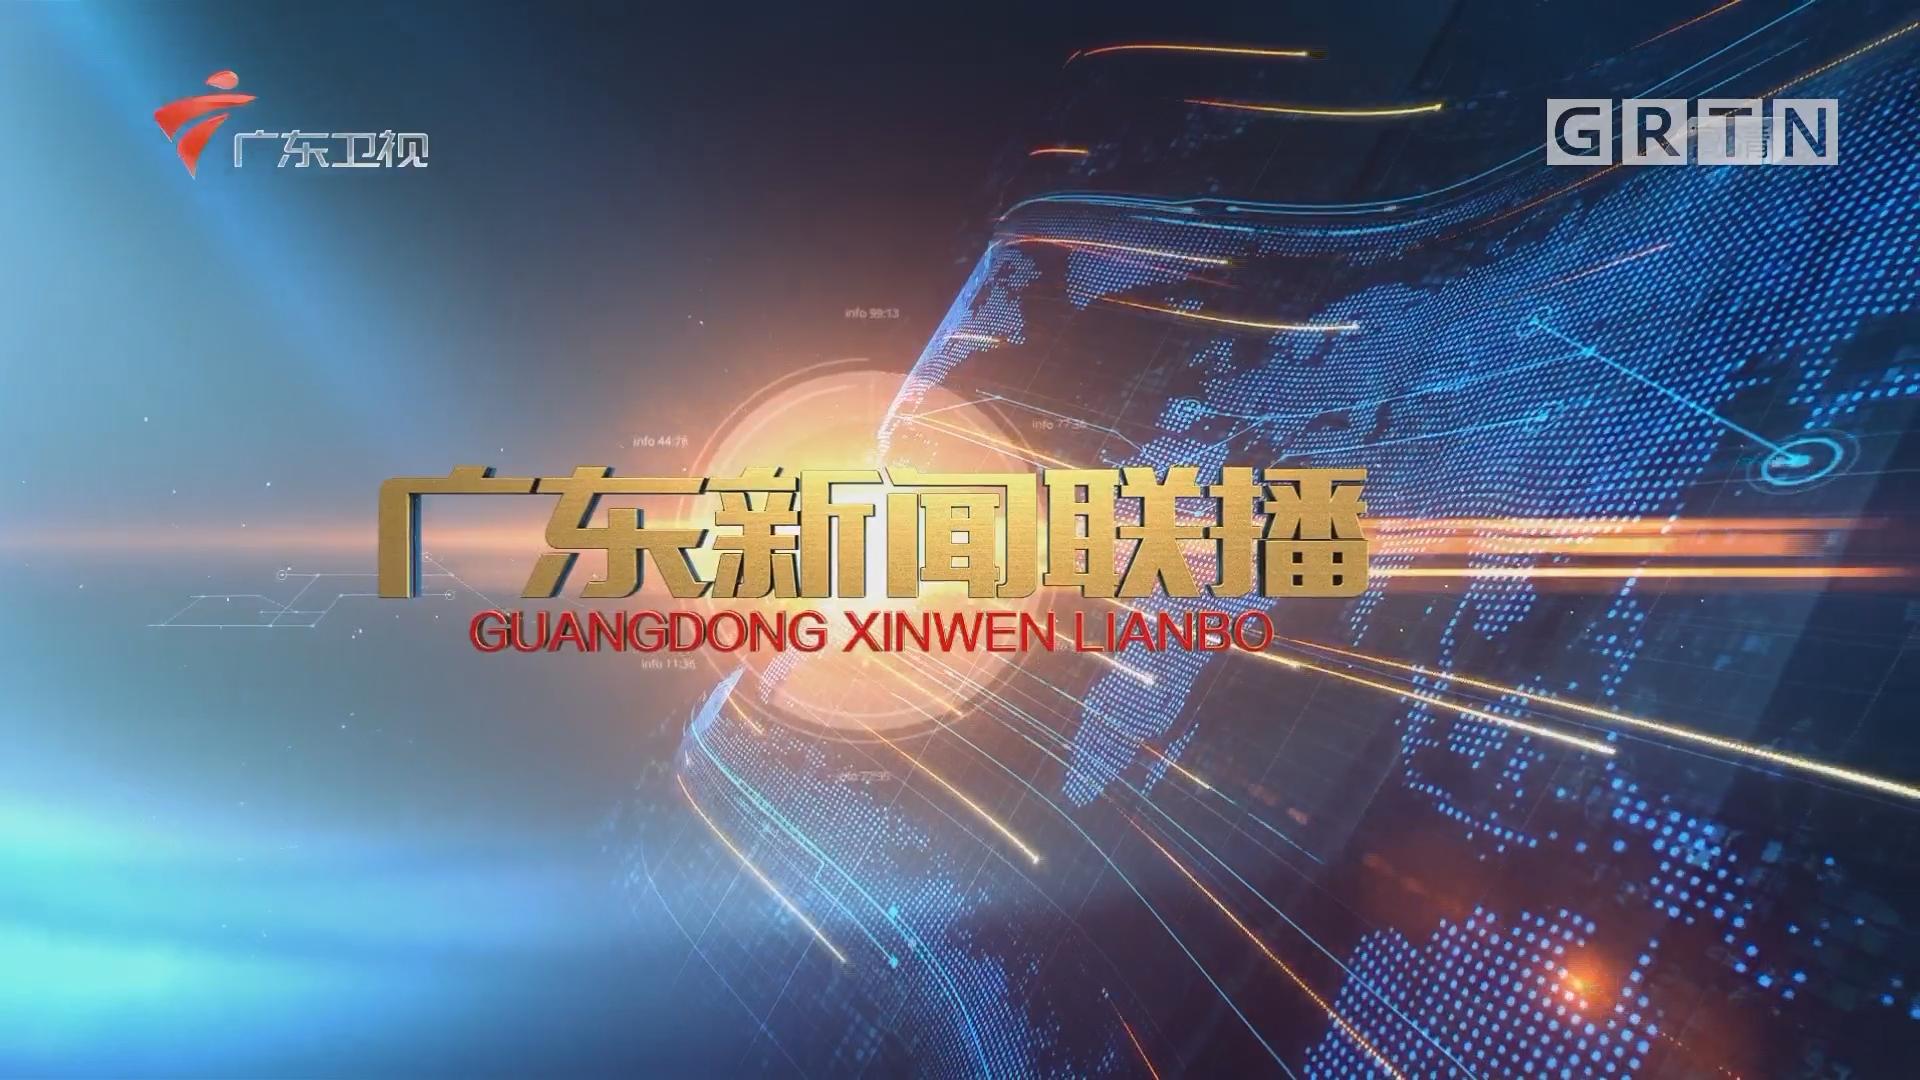 [HD][2018-08-15]广东新闻联播:开创融合新格局 探索发展新路径——推进粤港澳大湾区建设一年间